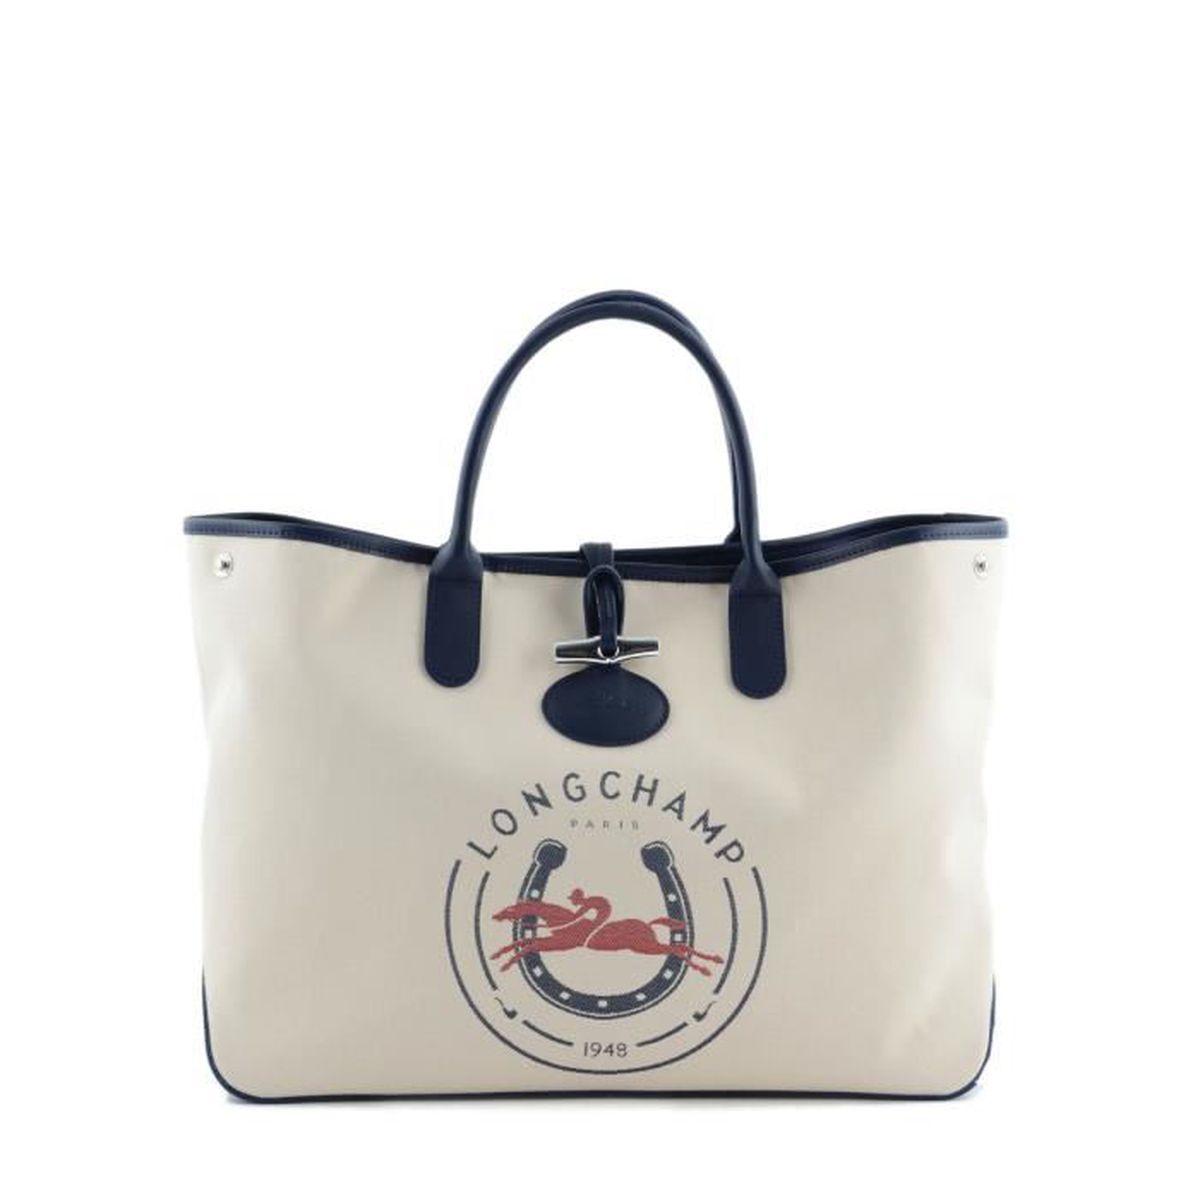 LONGCHAMP - sac femme porté main - ROSEAU LONGCHAMP 1948 - Achat ...